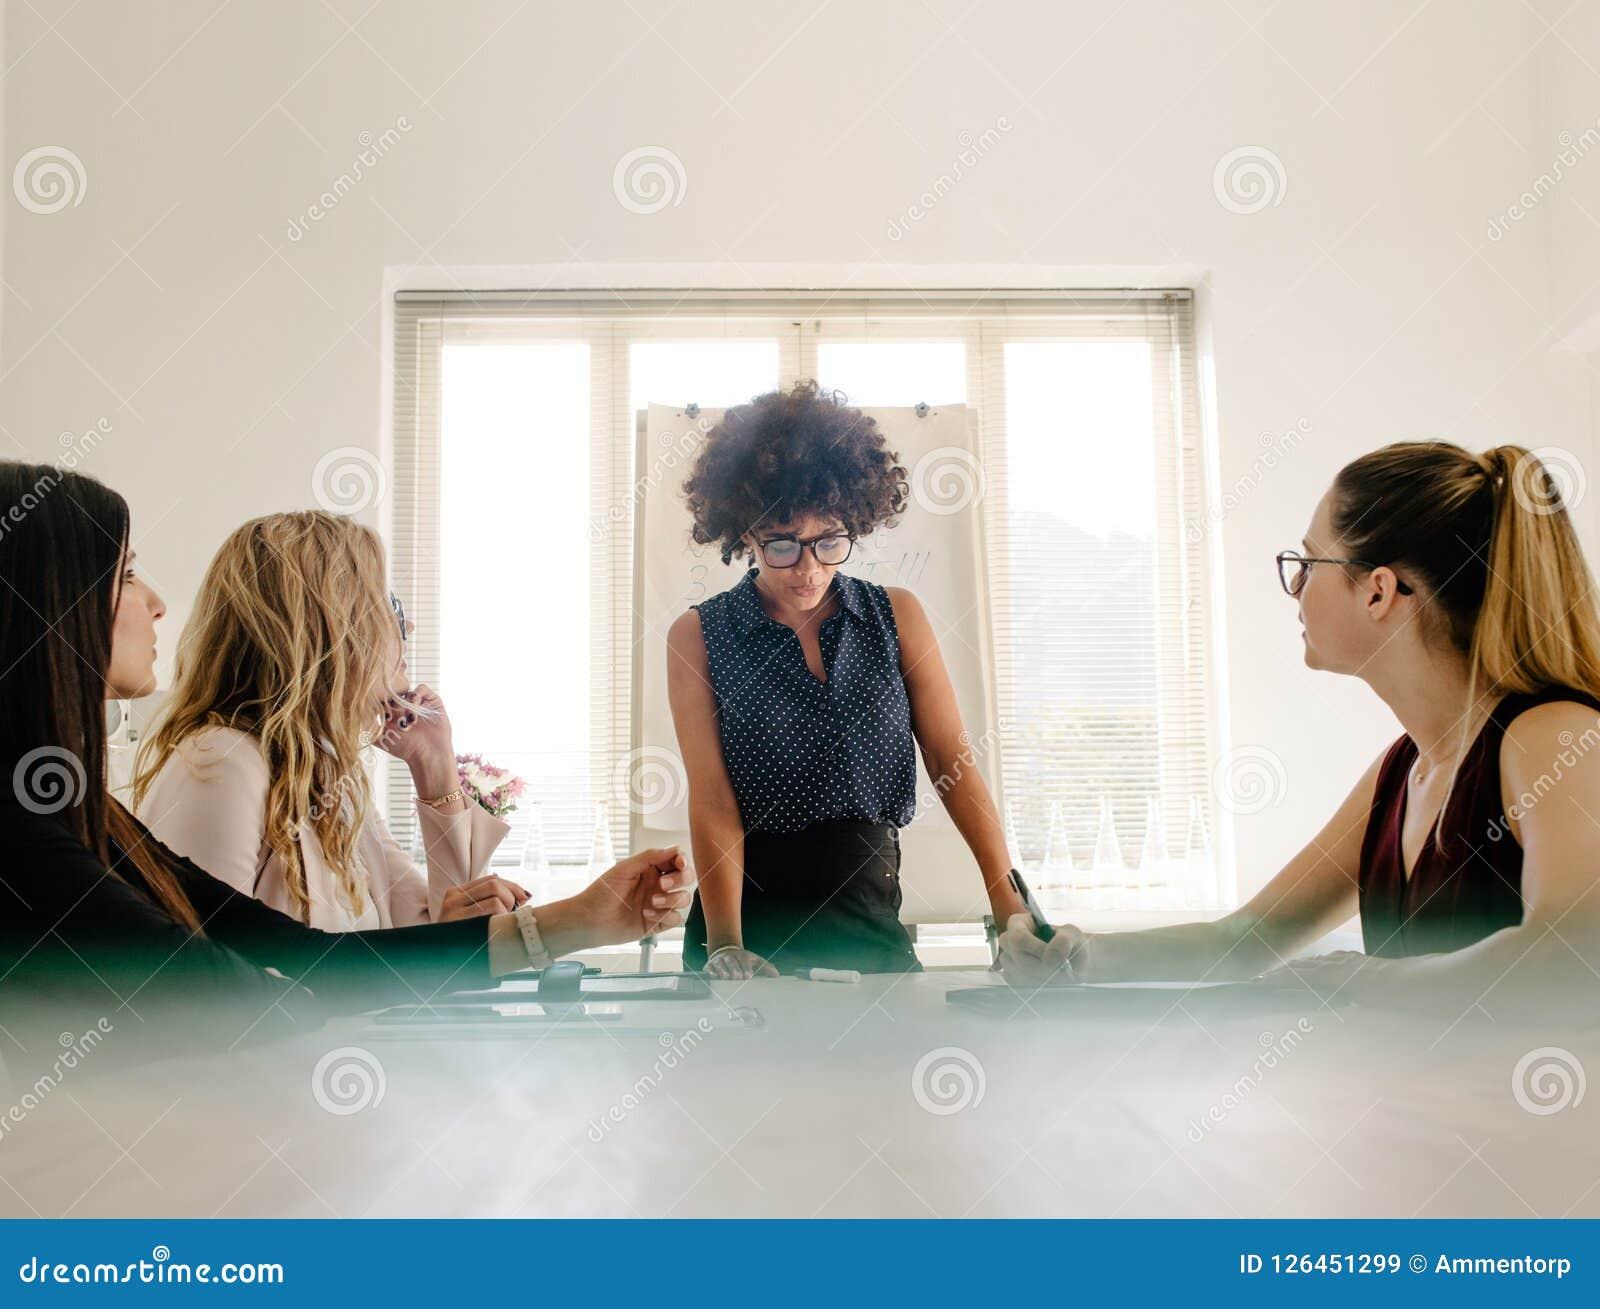 Frauengruppe, die eine Sitzung im Sitzungssaal hat